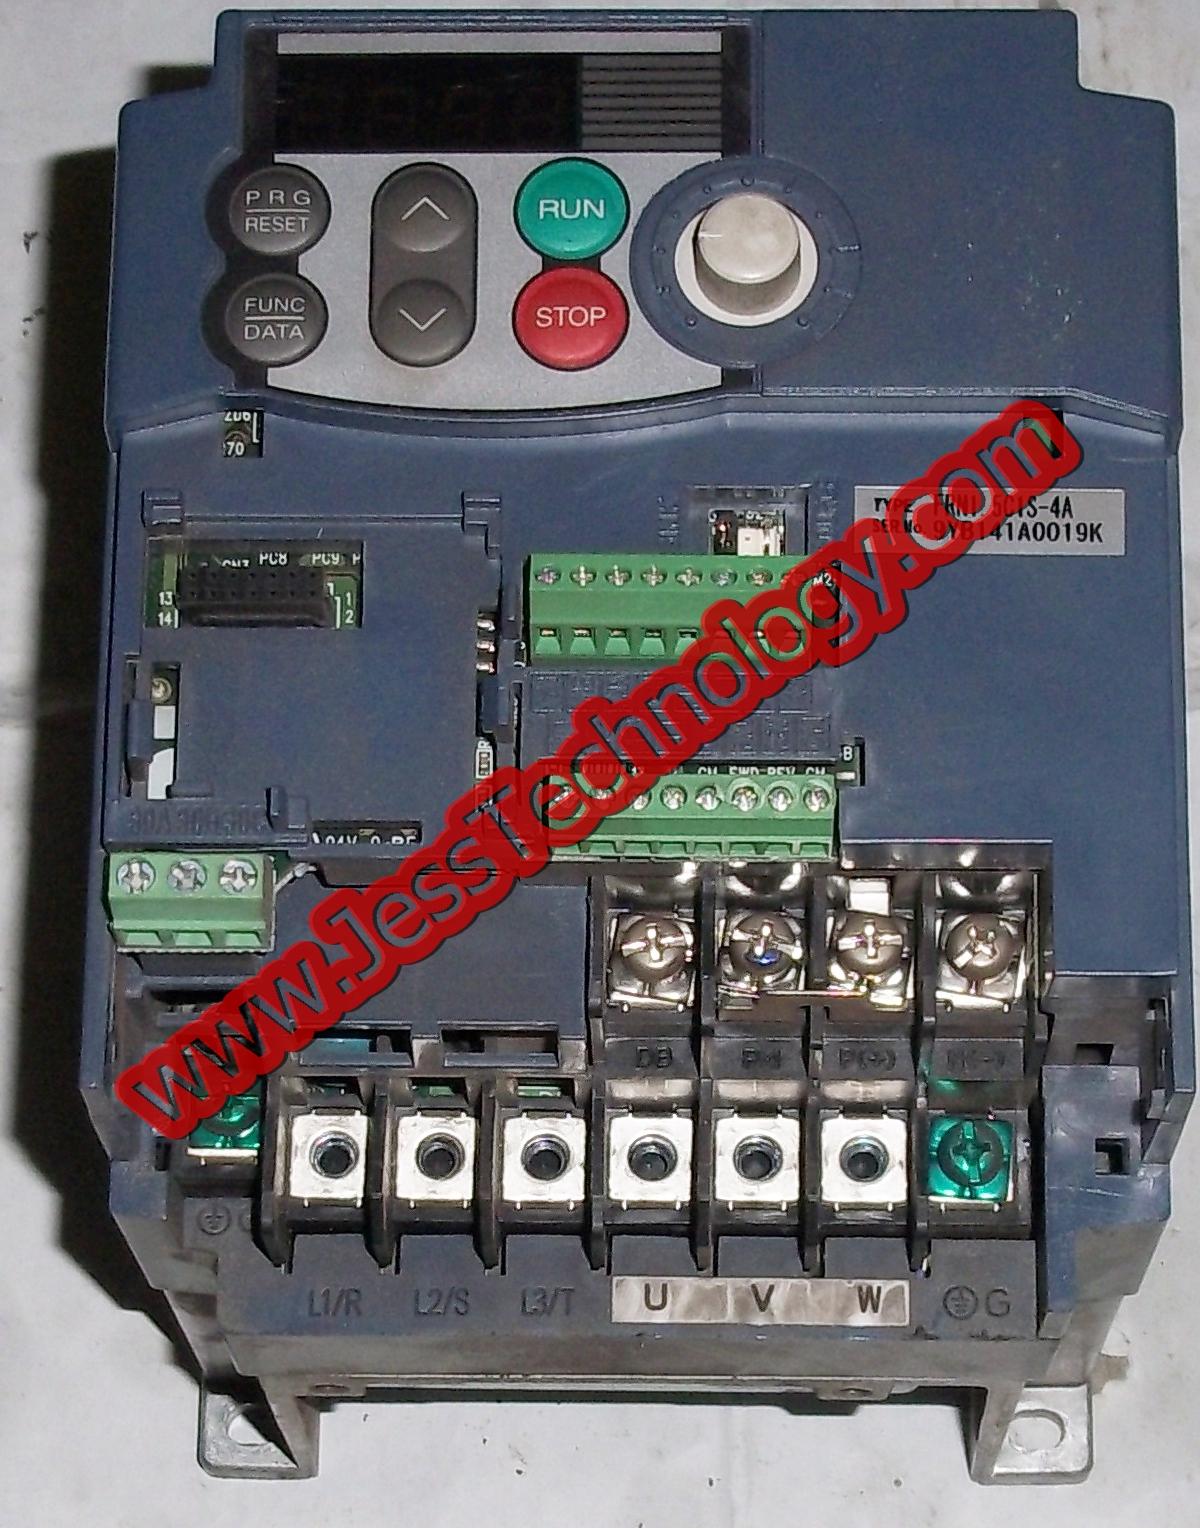 Repair FRN1.5C1S-4A FUJI  FUJI ELECTRIC INVERTER (FRN1.5C1S-4A) in Malaysia, Singapore, Thailand, Indonesia